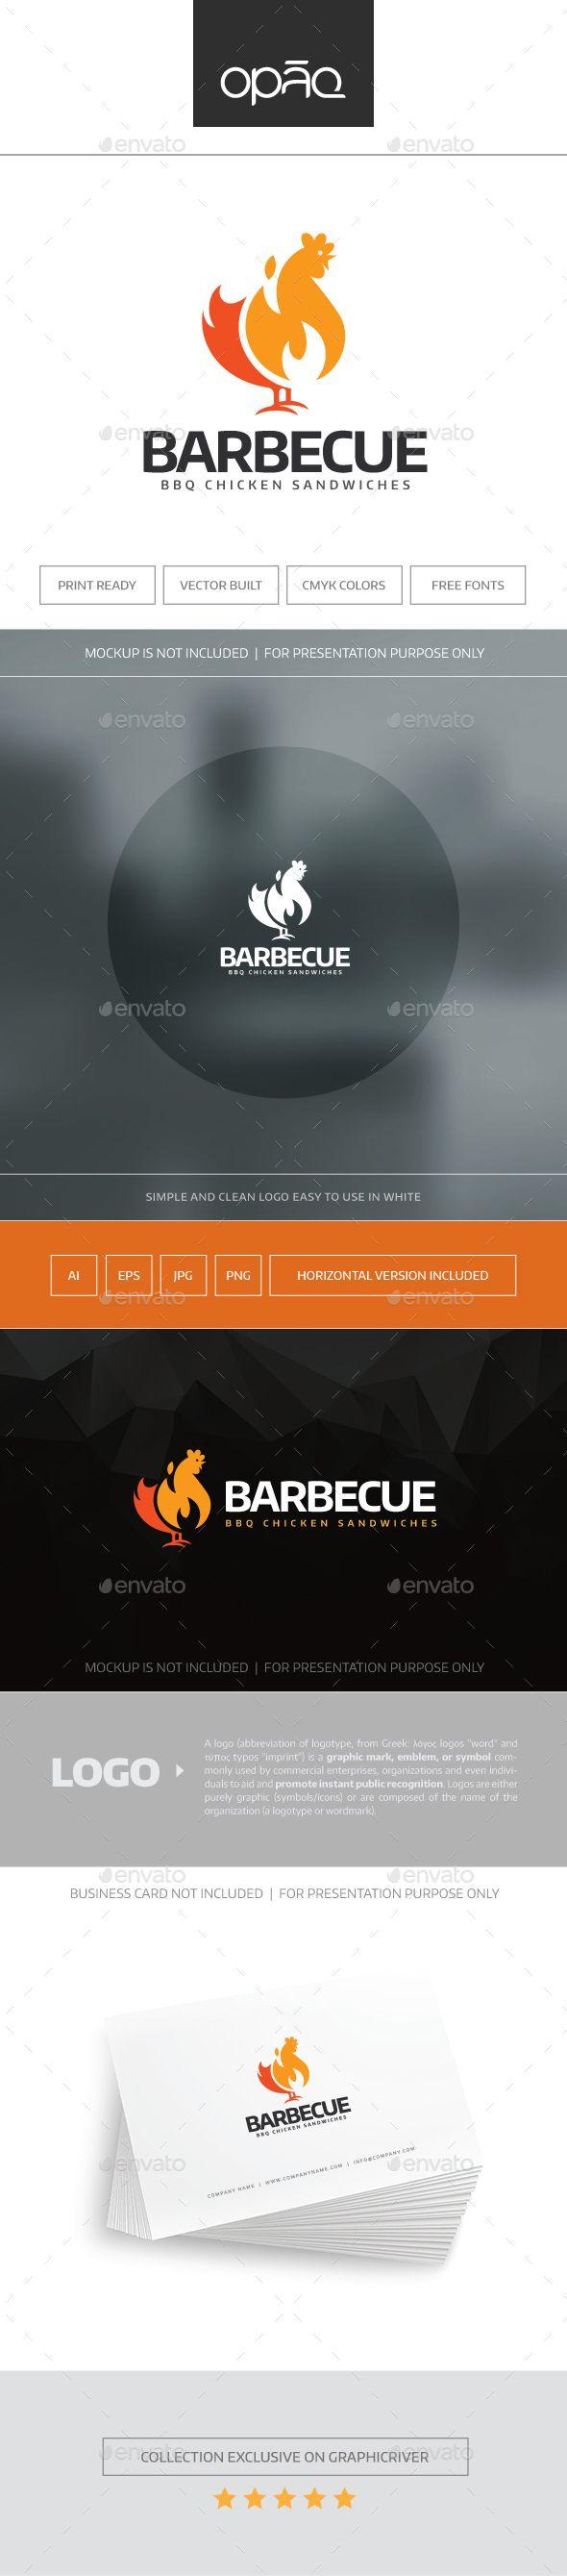 BBQ Chicken  Logo Design Template Vector #logotype Download it here: http://graphicriver.net/item/bbq-chicken-logo/16058884?s_rank=1645?ref=nexion